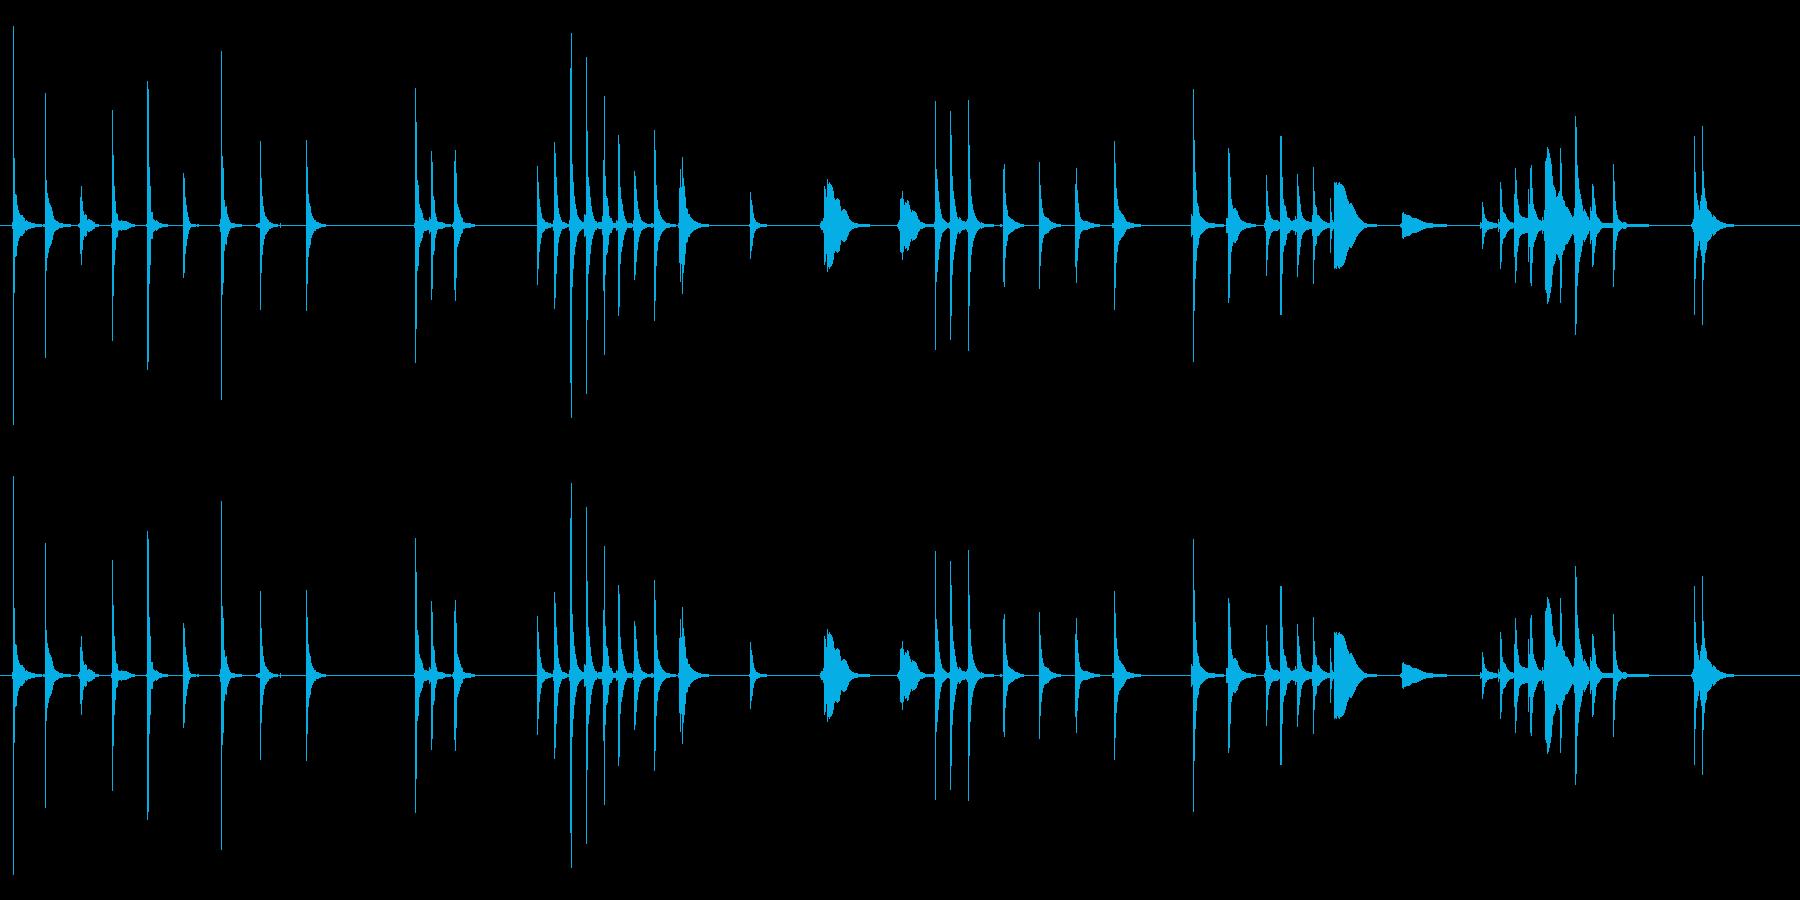 三味線131鷺娘29死ぬ合方短い方妖怪鷺の再生済みの波形